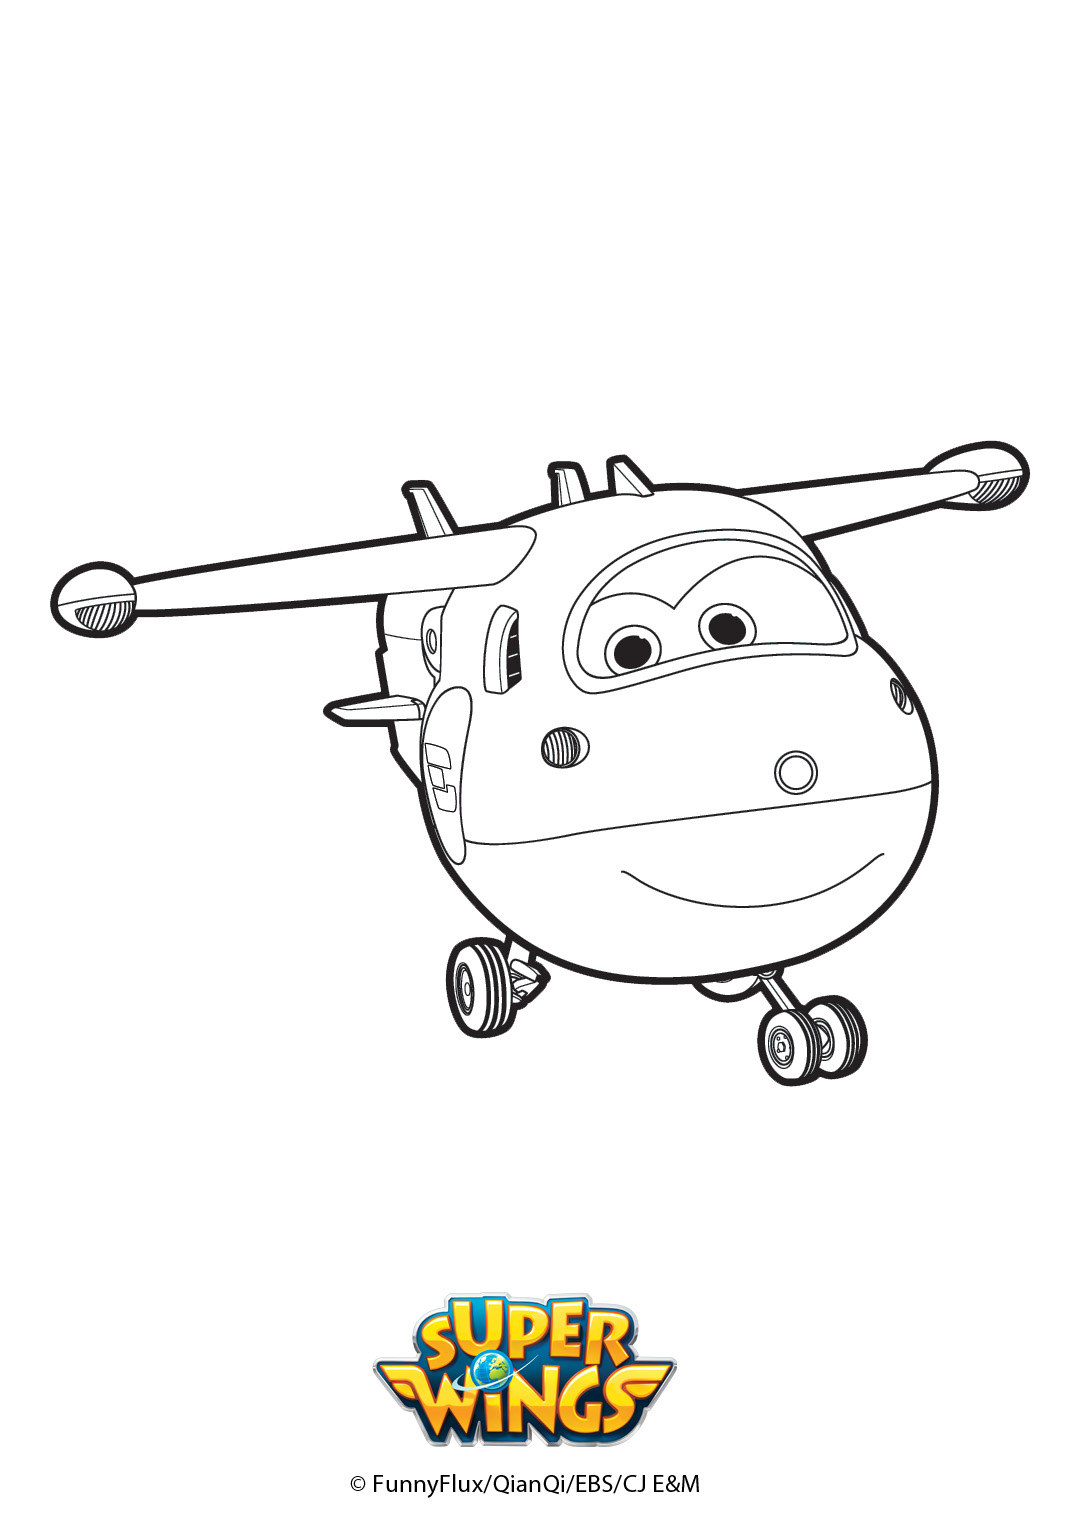 Coloriage De L'avion Jett - Super Wings à Coloriage Robot À Imprimer